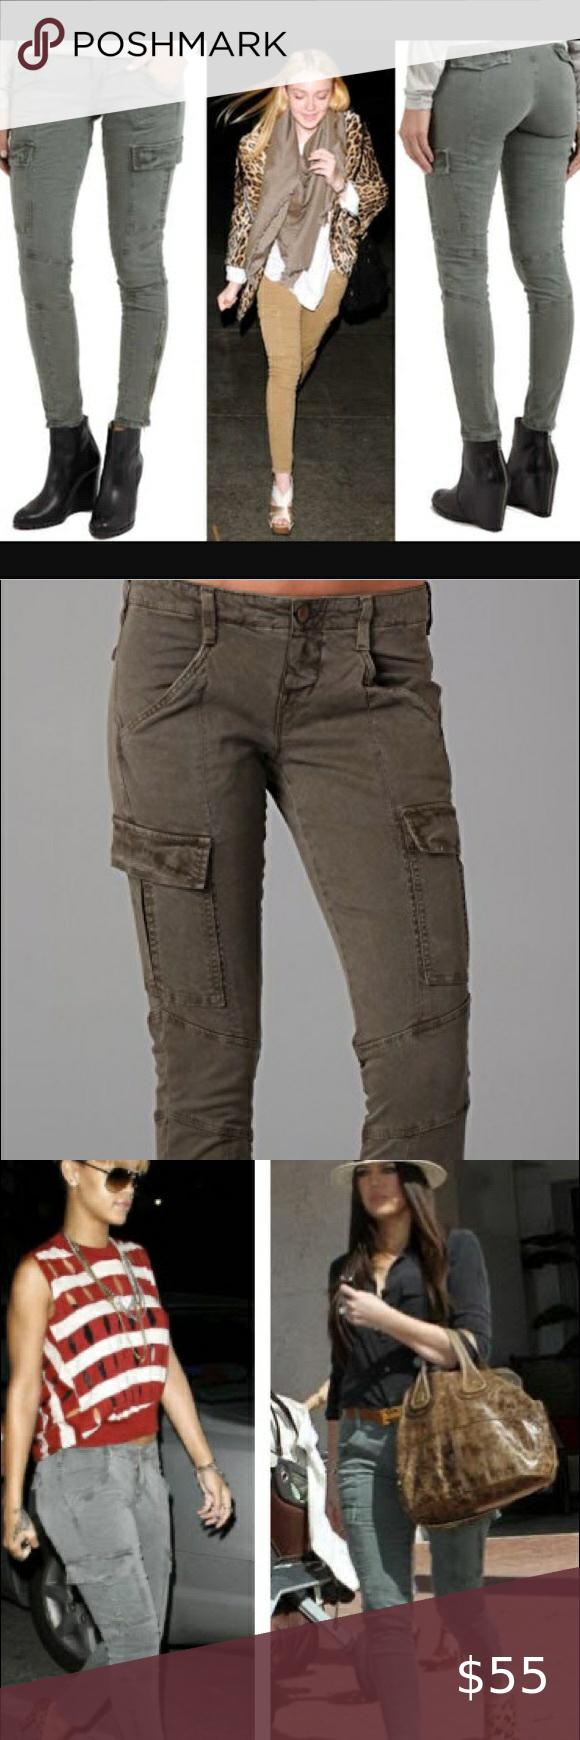 J Brand Houlihan Cargo Skinny In Olive Green In 2020 J Brand J Brand Jeans Cargo Pants